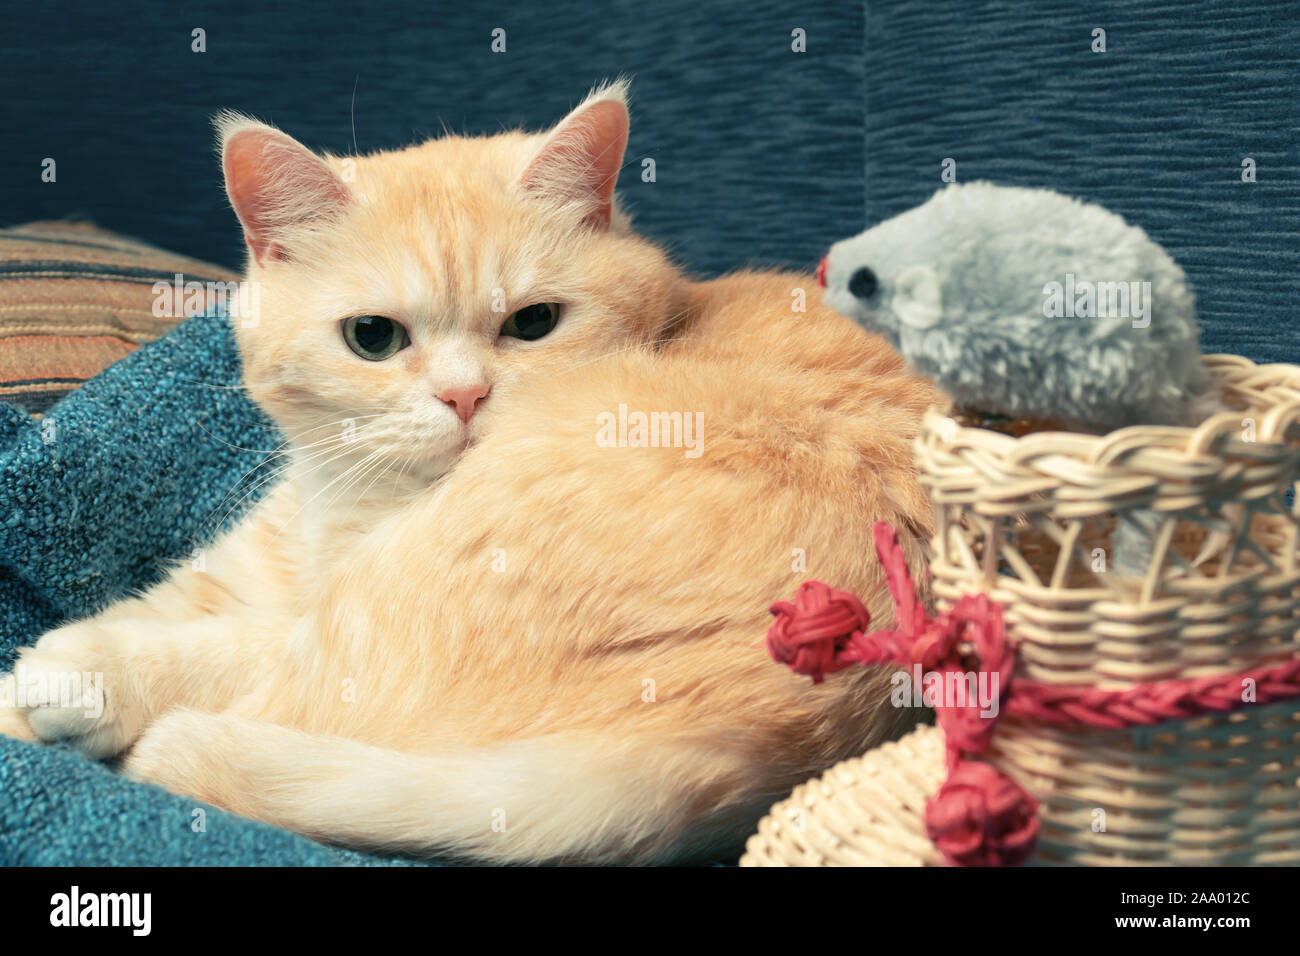 Lindo gato atigrado crema reside en un plaid azul junto a un arranque de mimbre y un ratón de juguete. Foto de stock